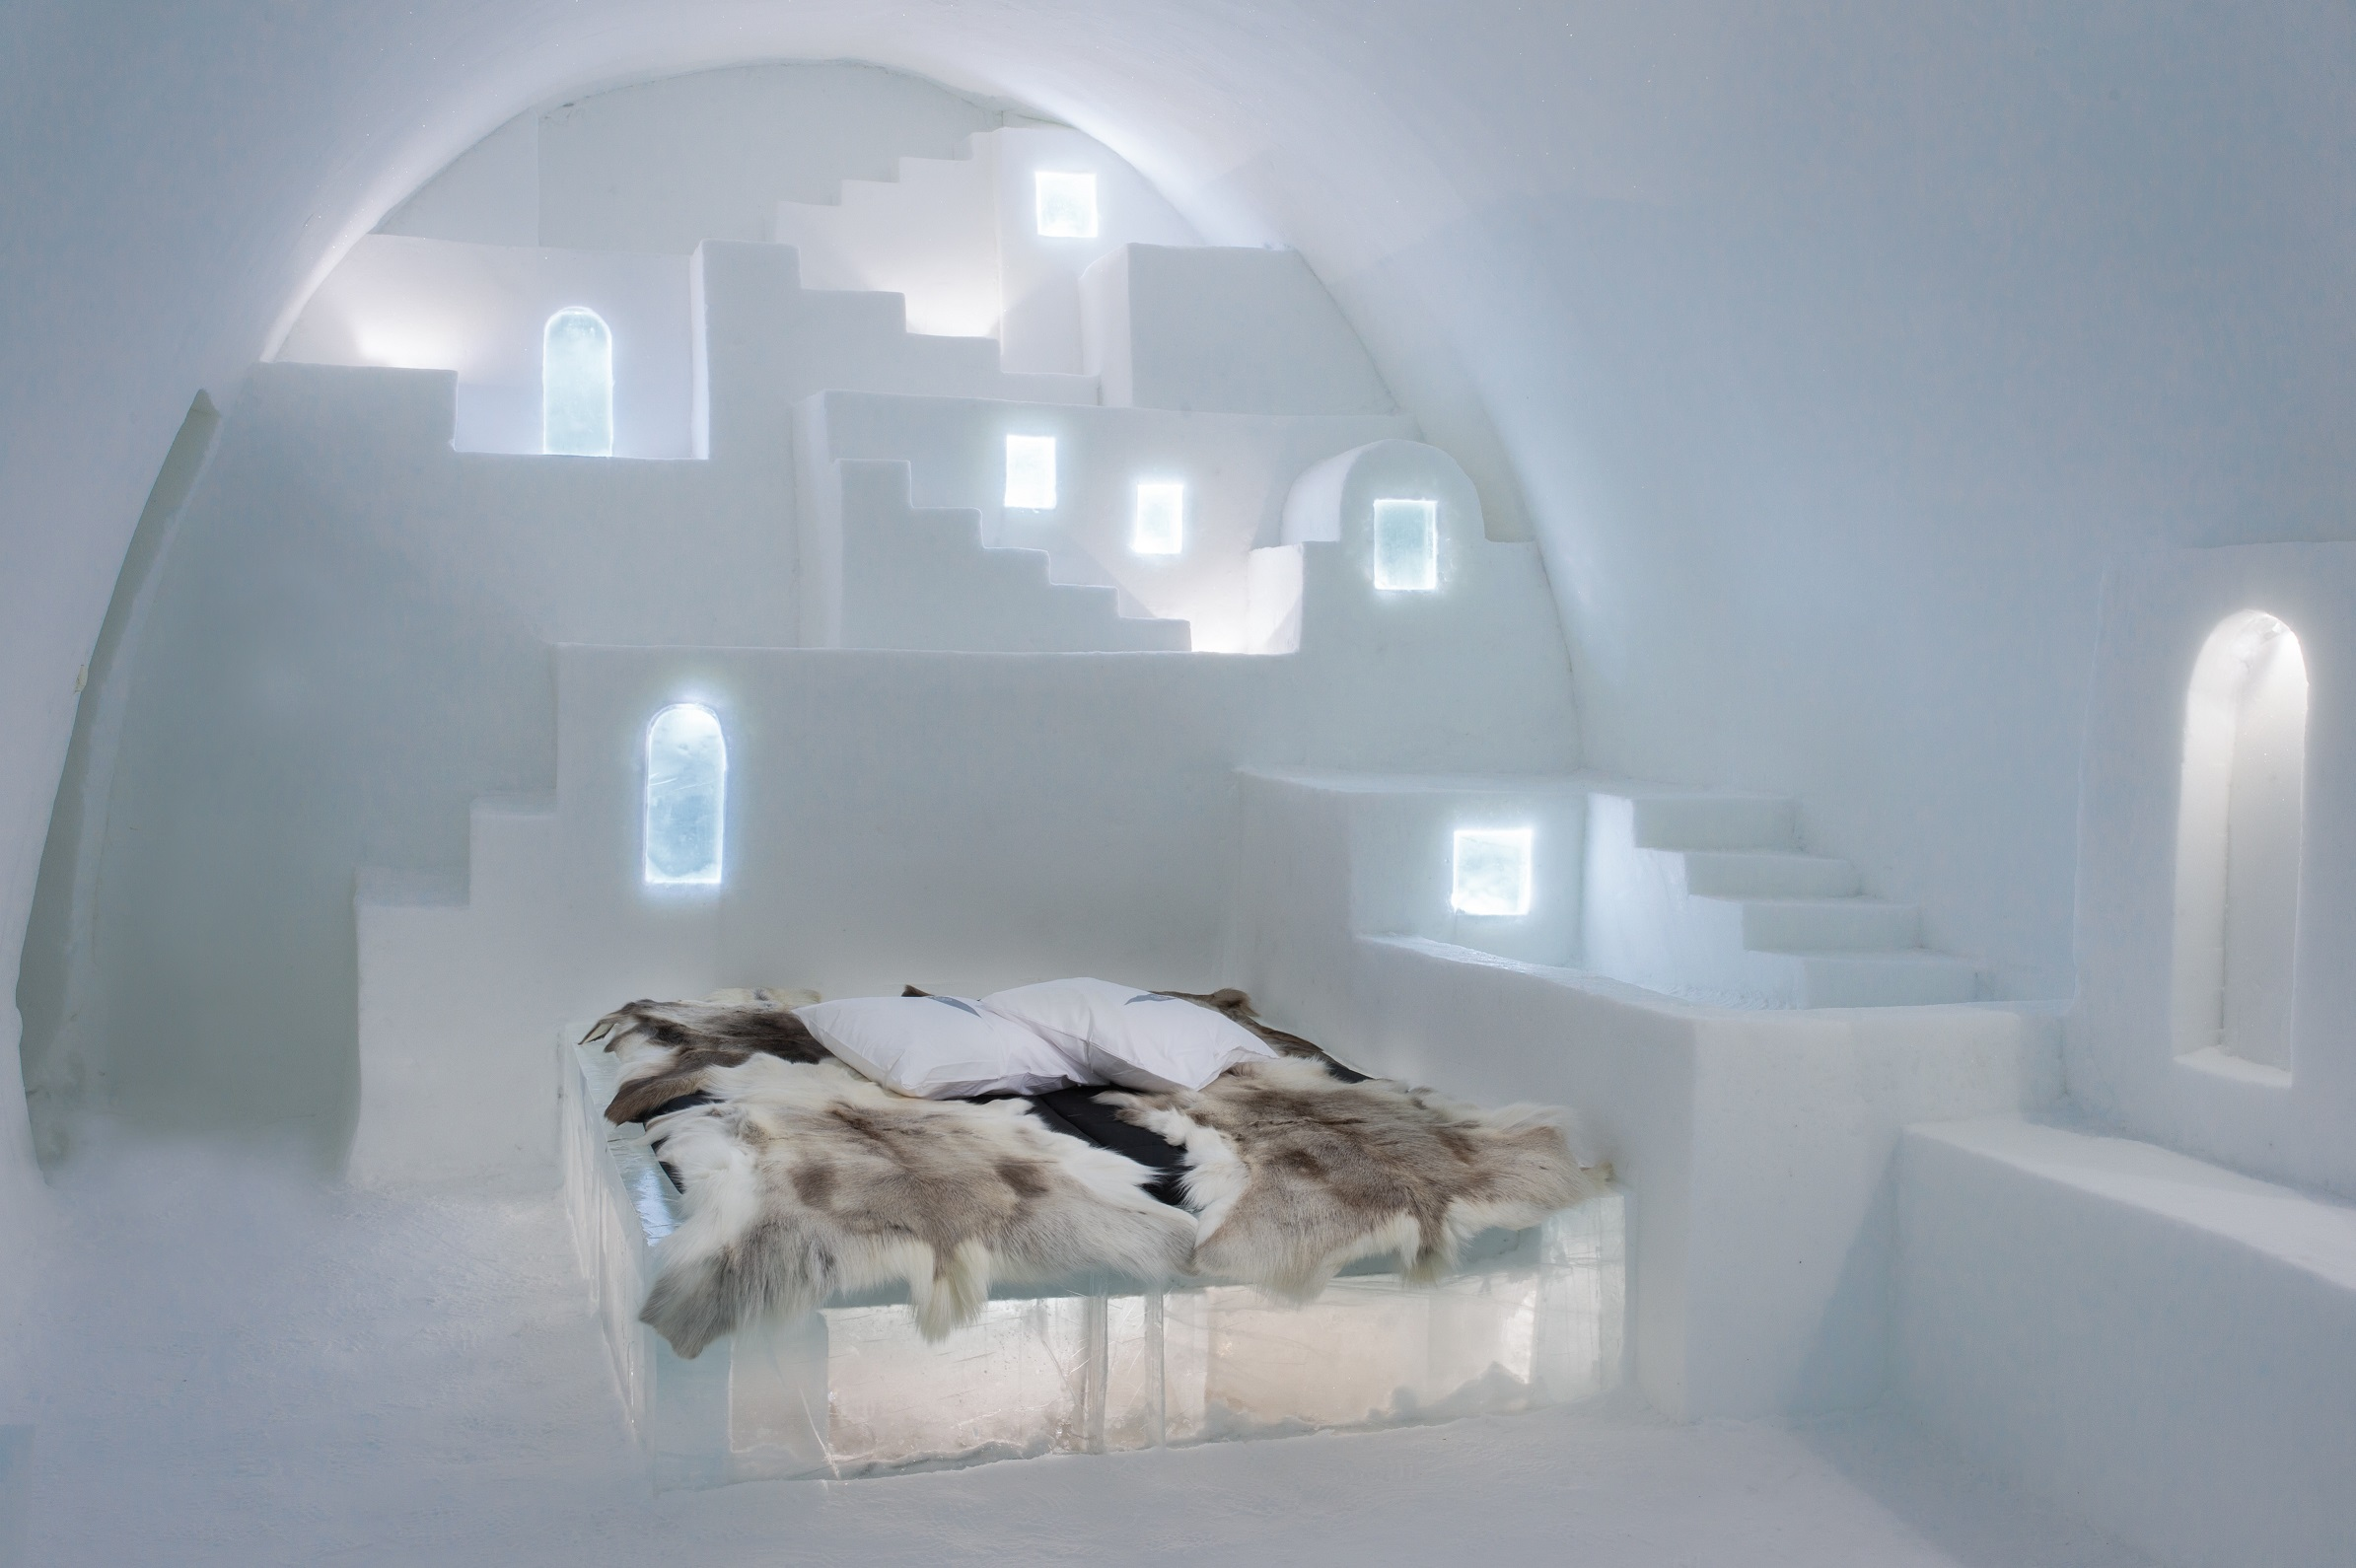 White Santorini Credit Haemee Han Jae Yual Lee Asaf Kliger Icehotel